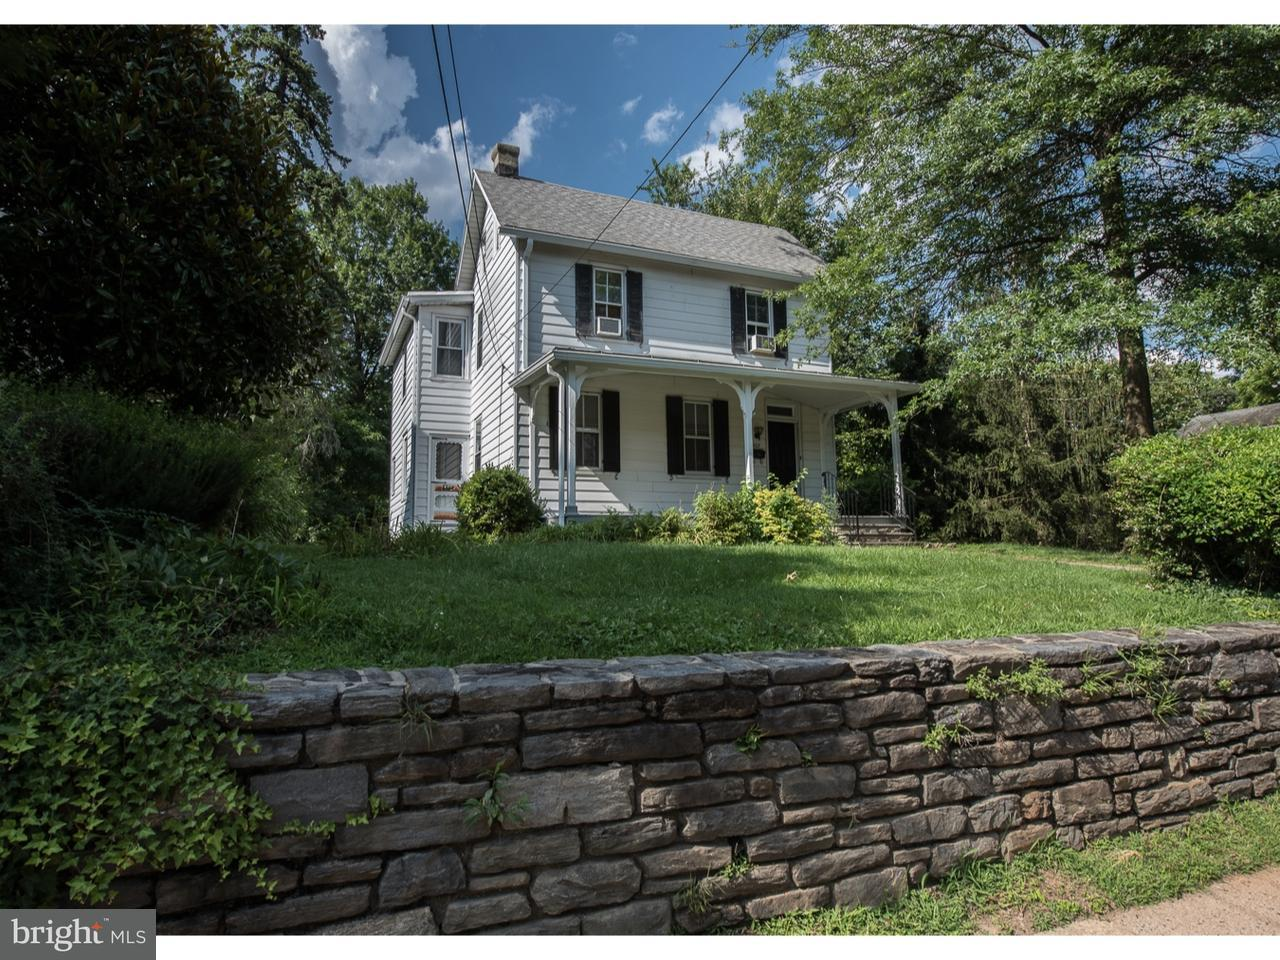 Частный односемейный дом для того Аренда на 507 OLD LANCASTER Road Haverford, Пенсильвания 19041 Соединенные Штаты